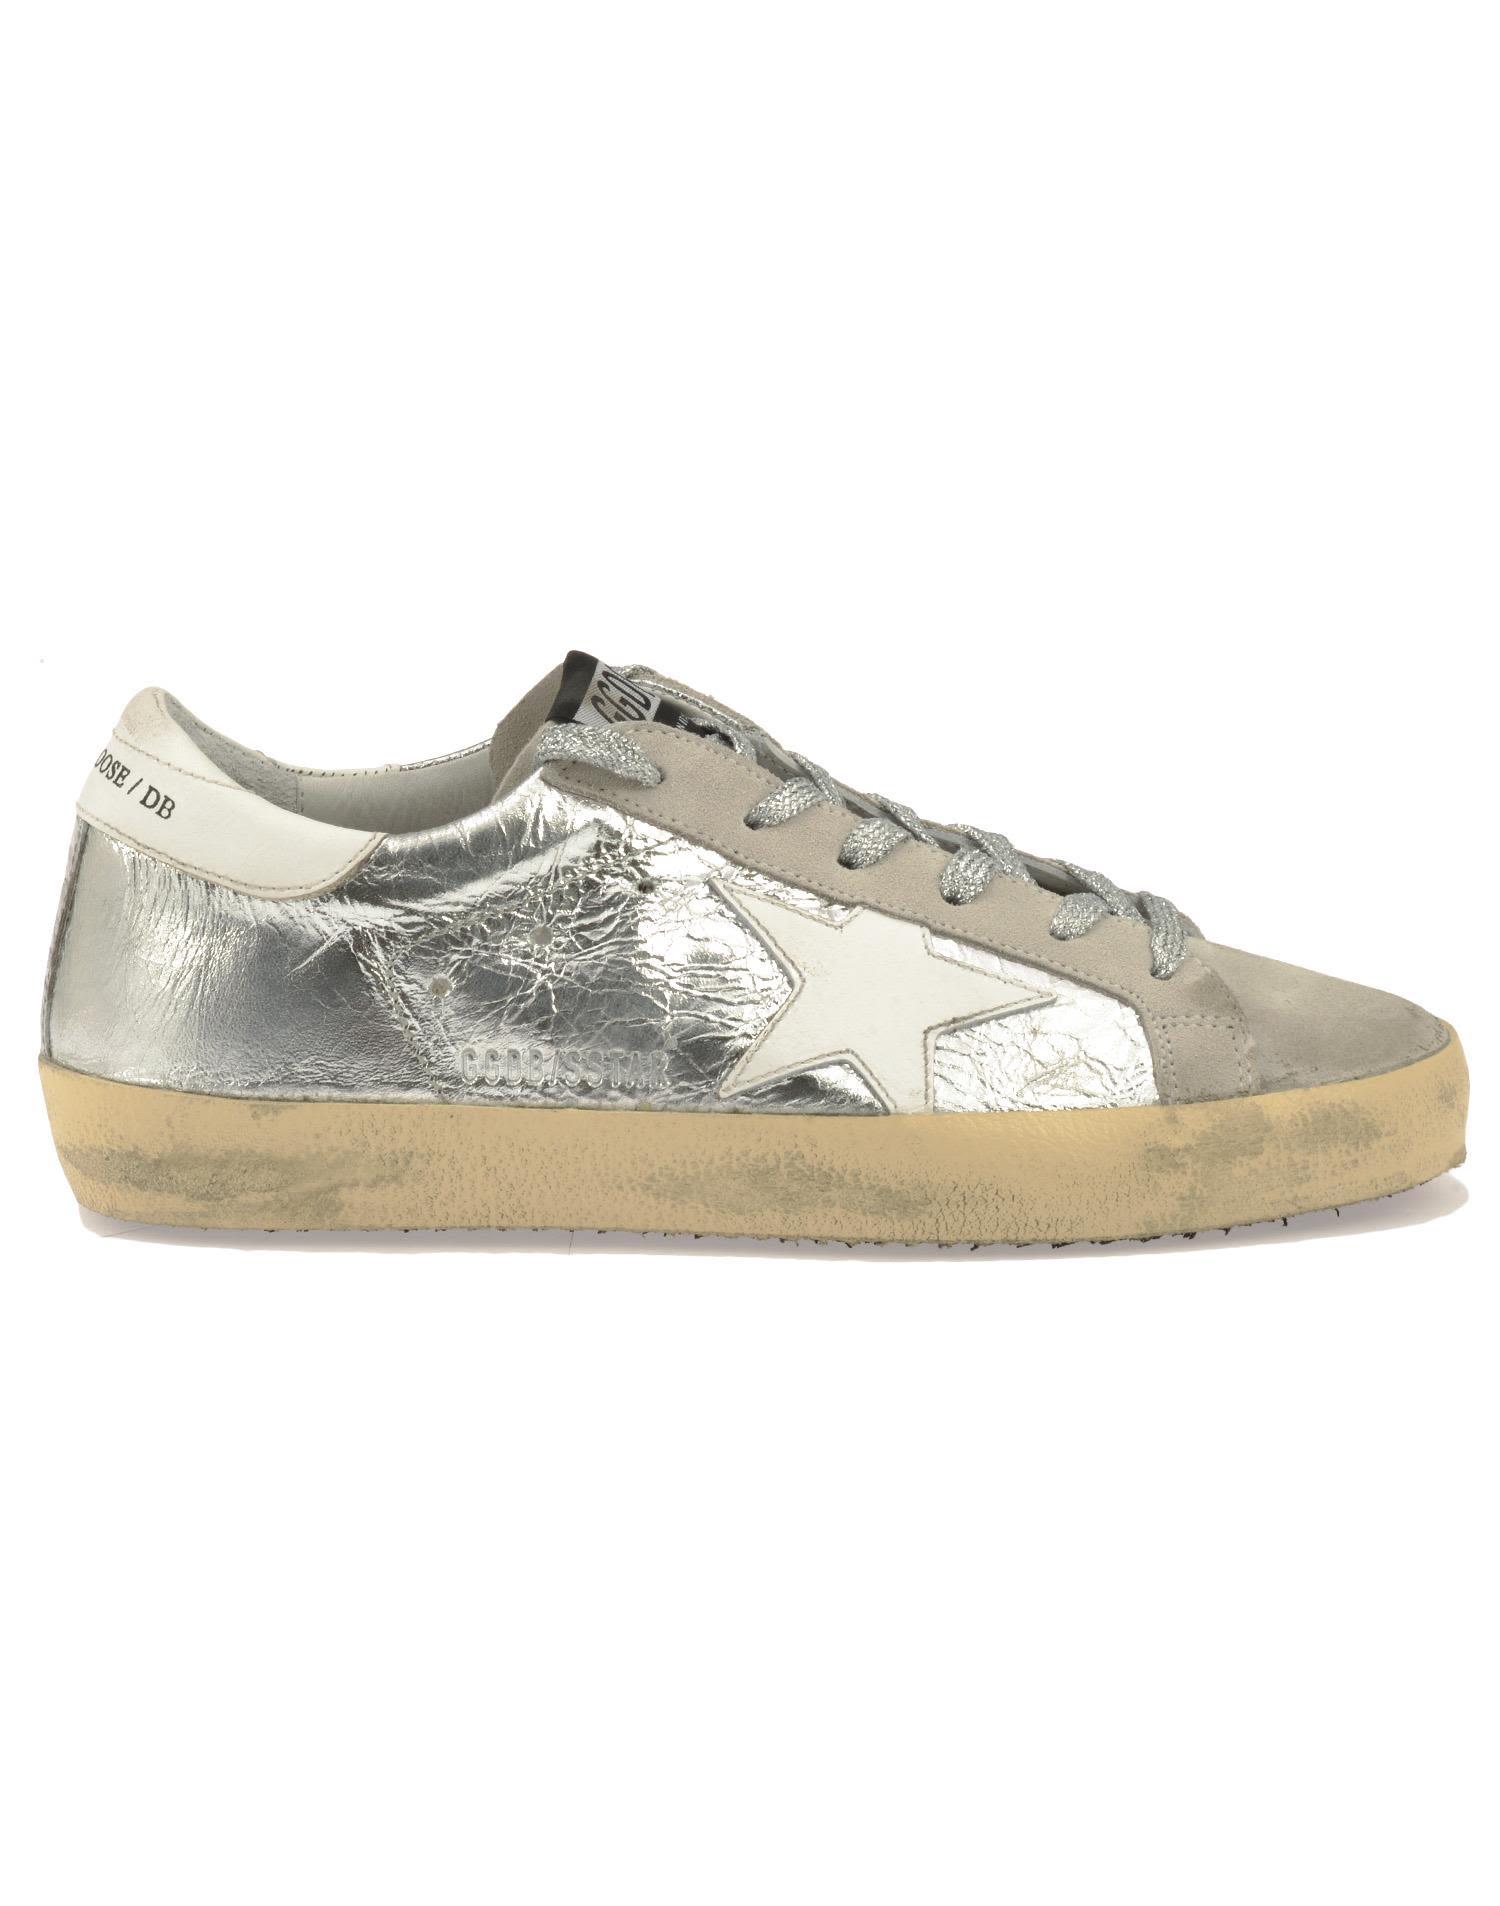 golden goose golden goose superstar sneaker silver women 39 s sneakers italist. Black Bedroom Furniture Sets. Home Design Ideas